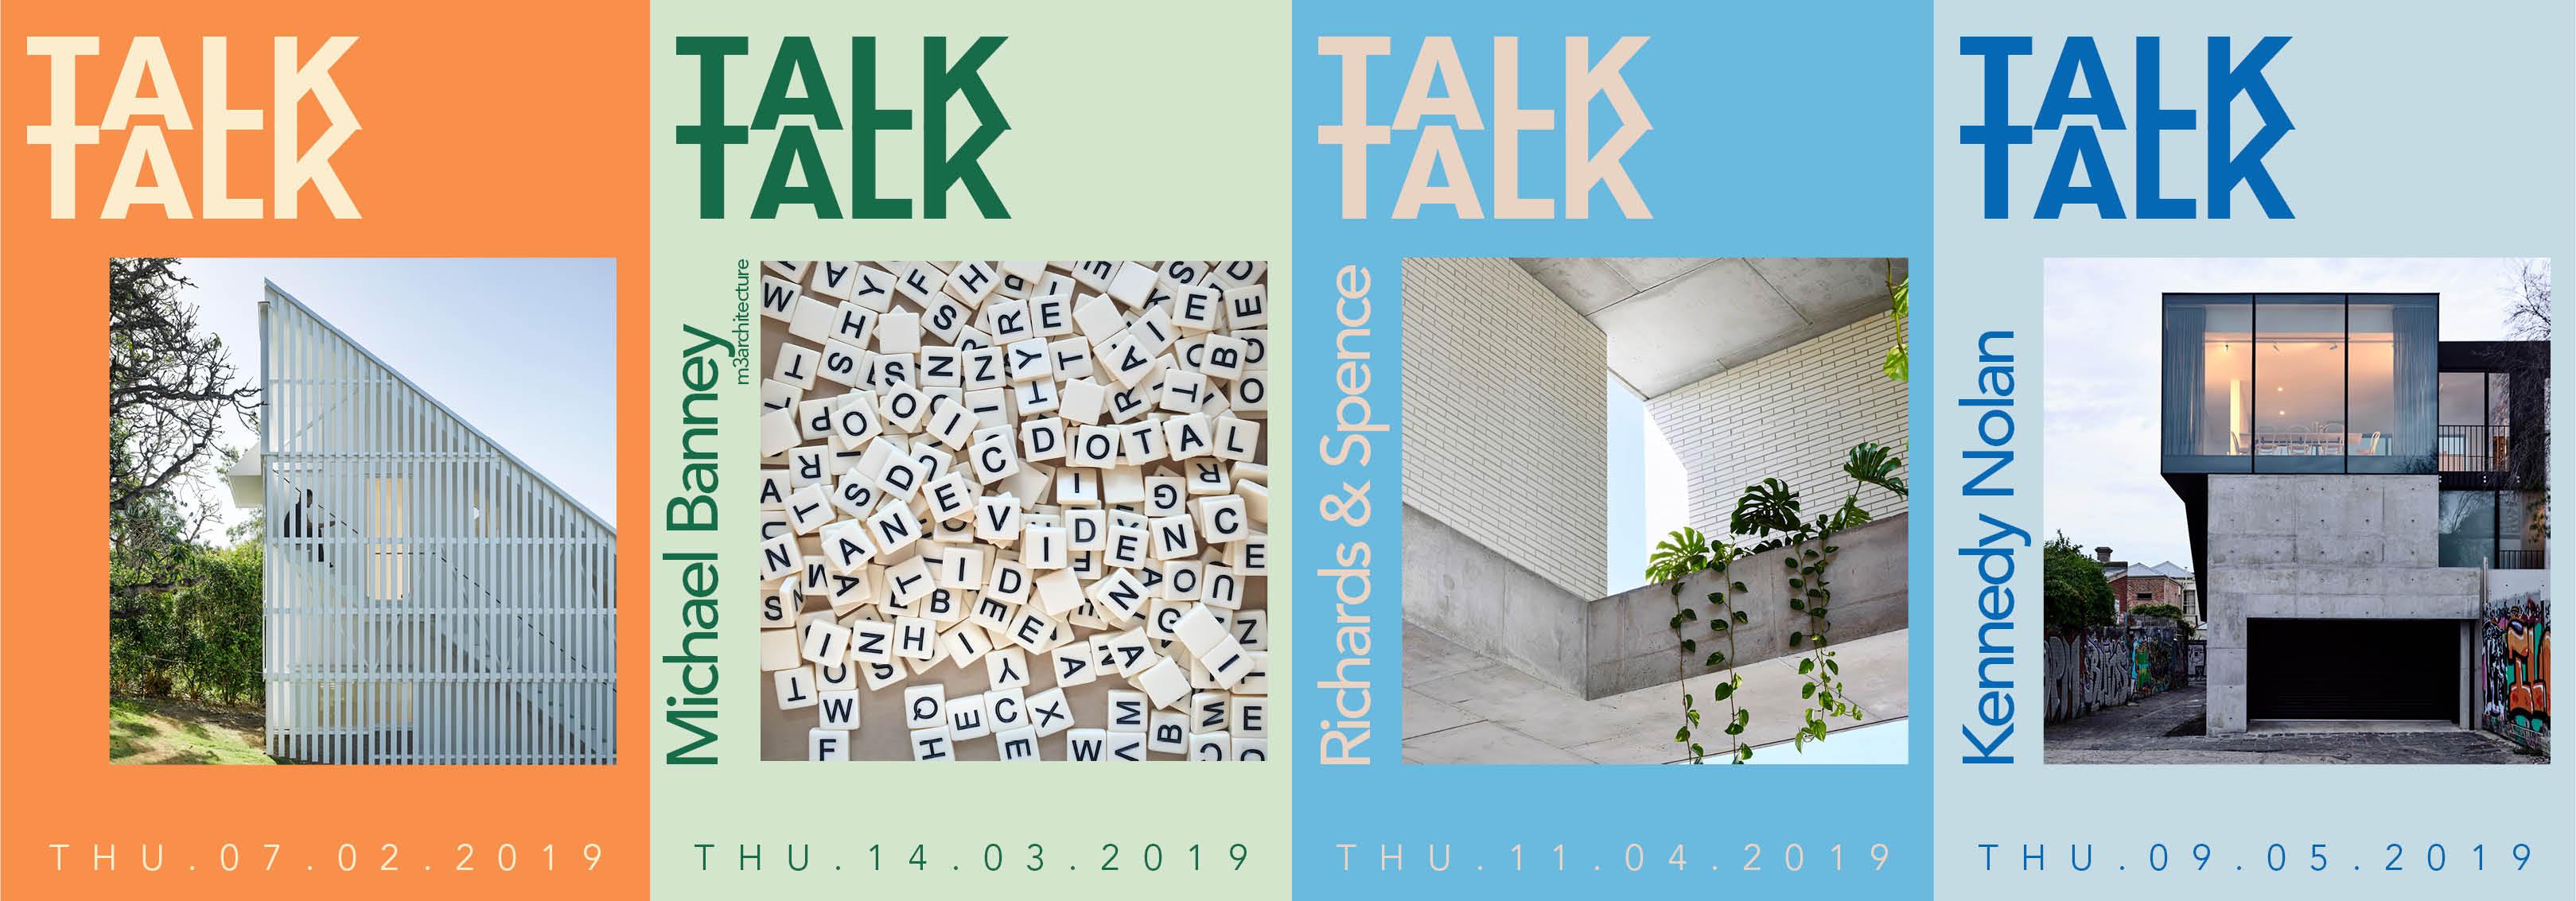 TALK TALK 2019